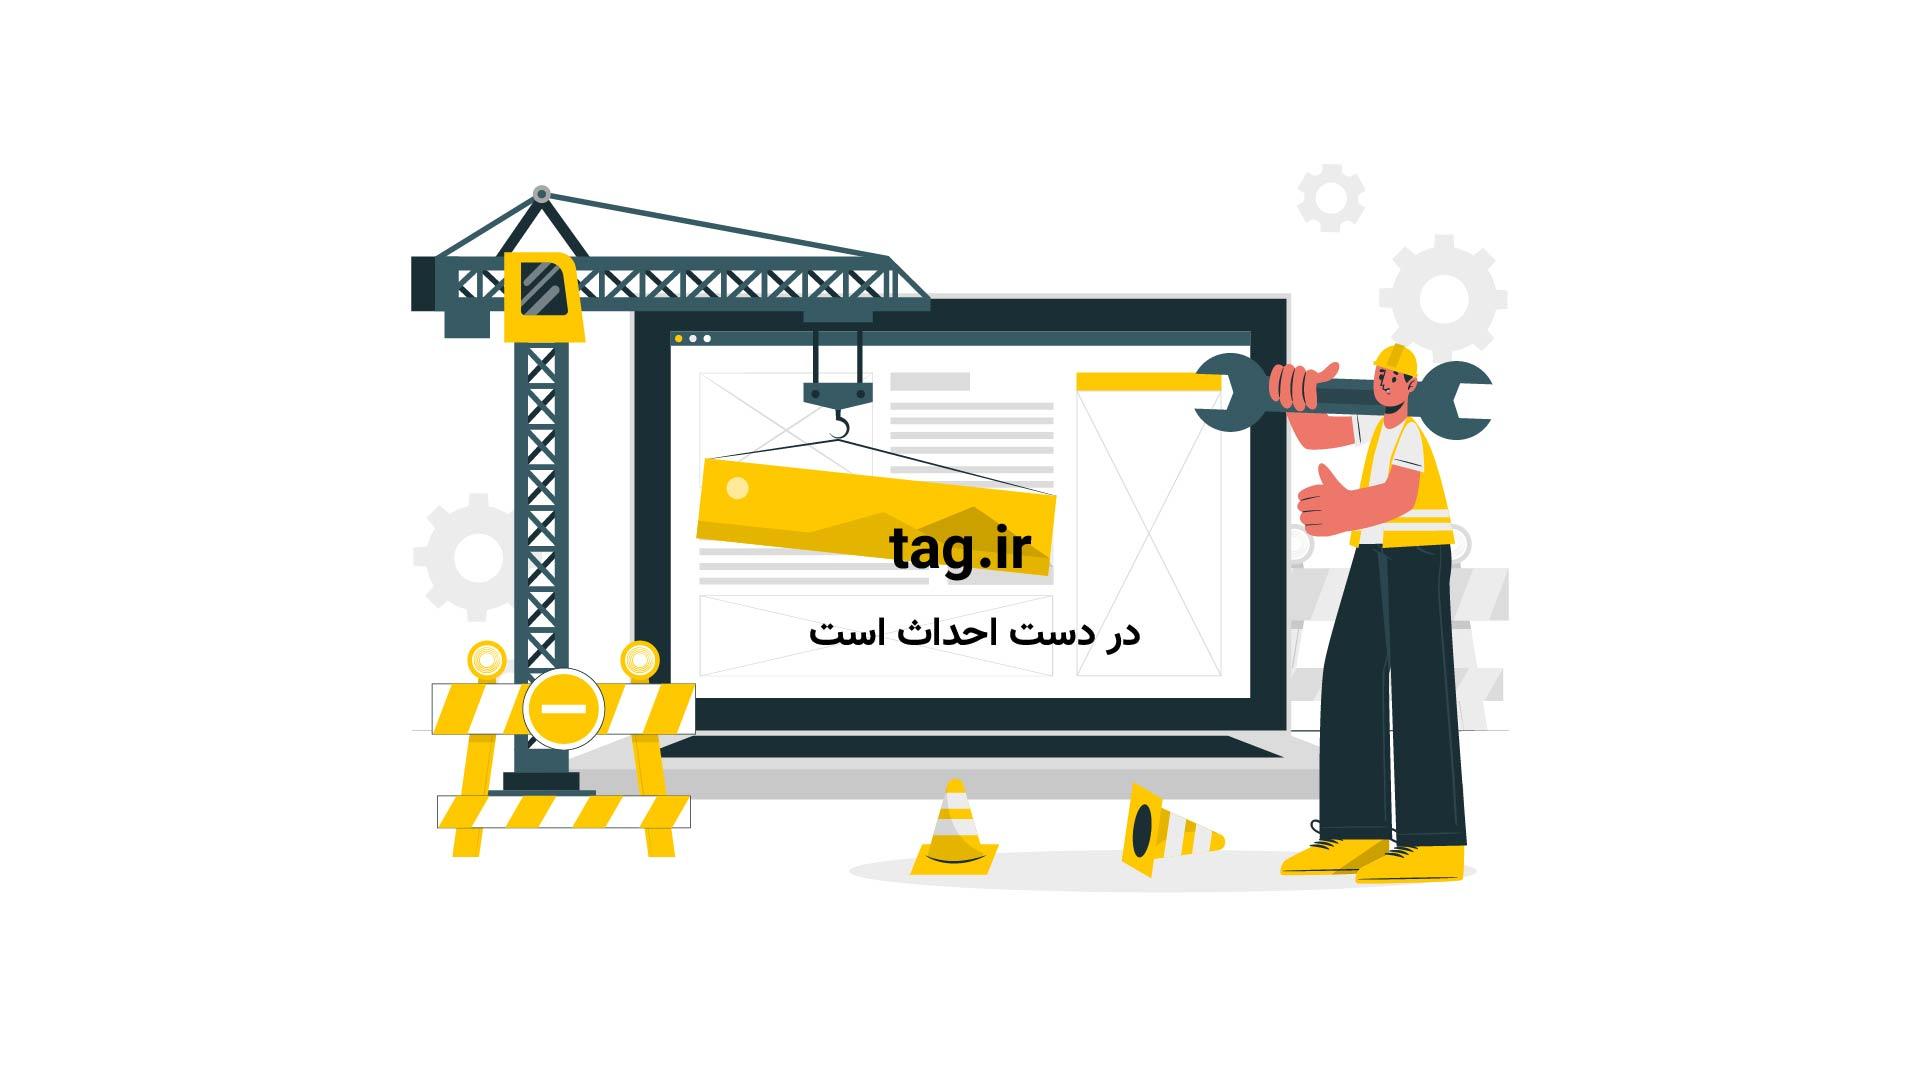 بدانگاه؛ با حضور محسن عبداللهیان در برنامه خندوانه | فیلم